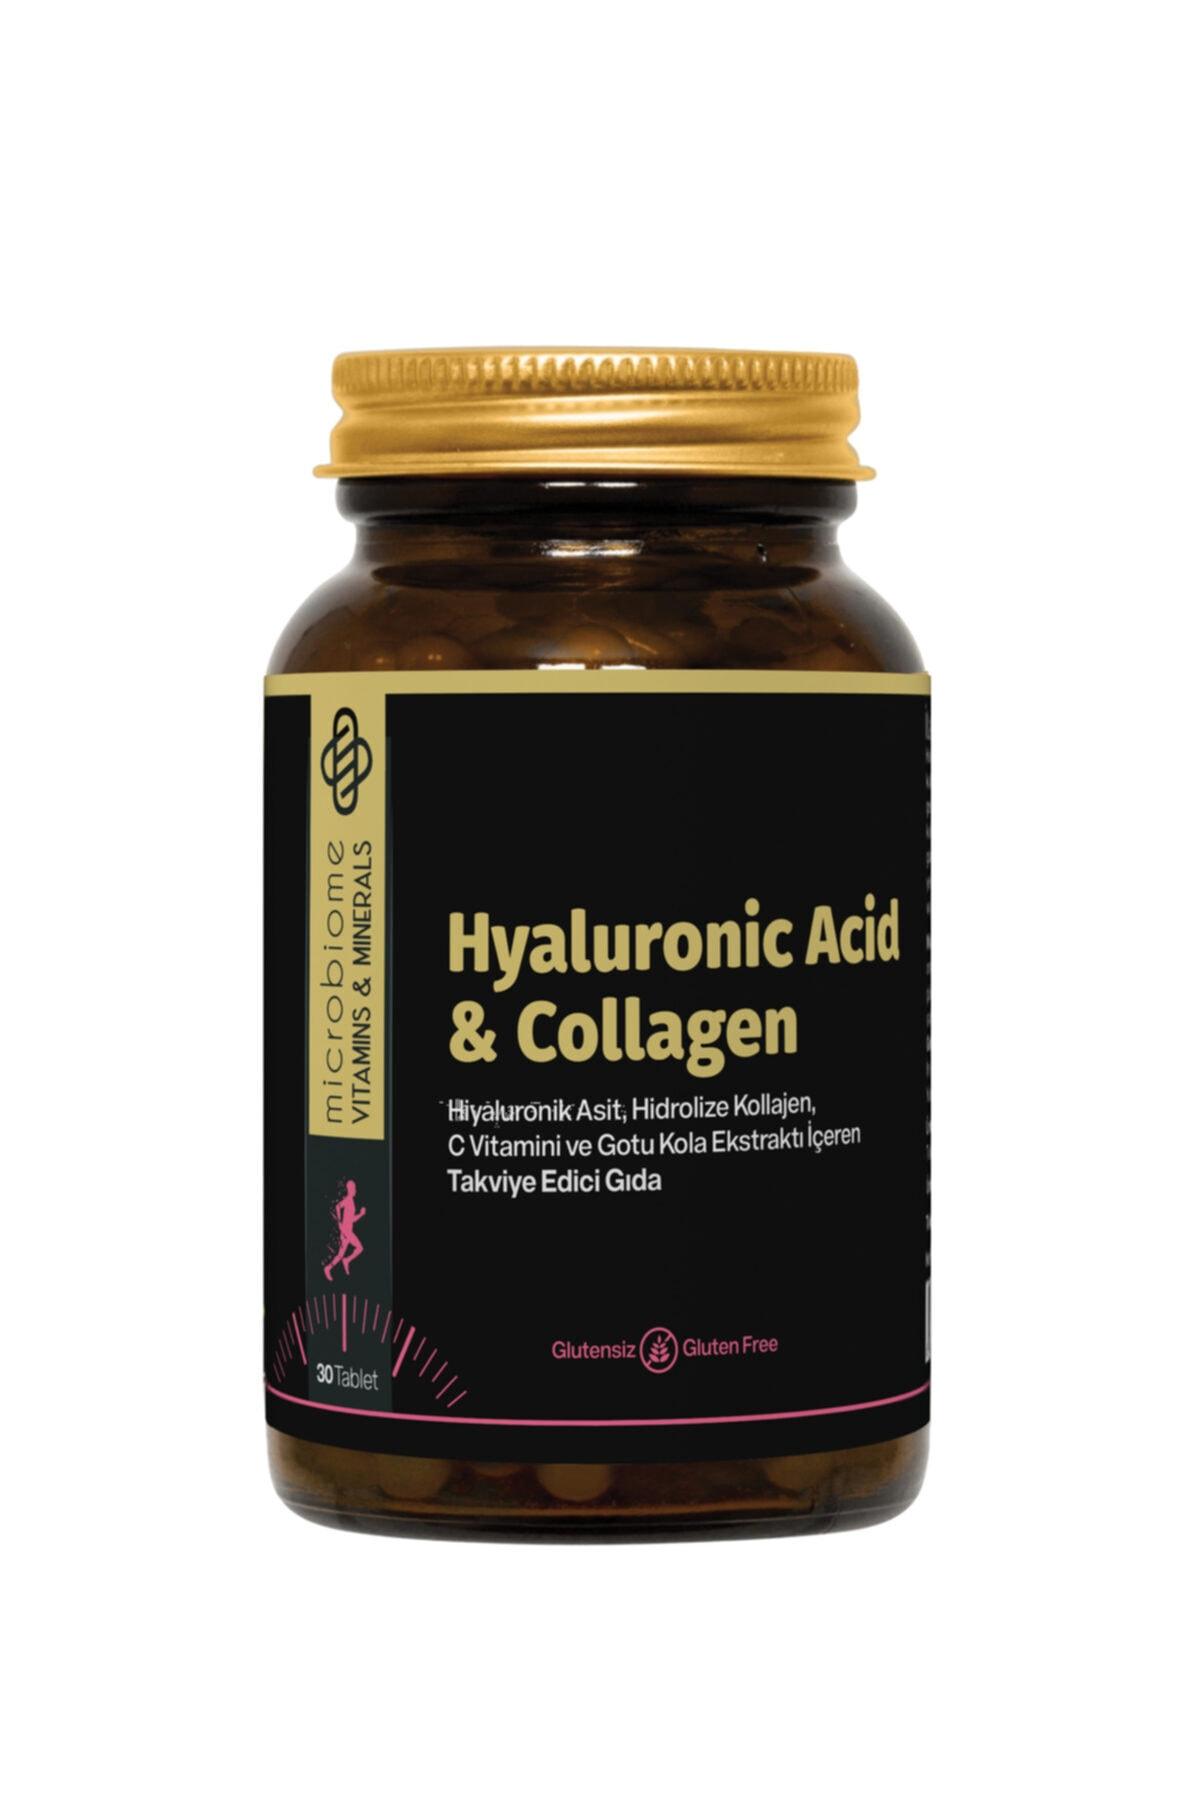 Collagen & Hyaluronıc Acid 30 Tablet